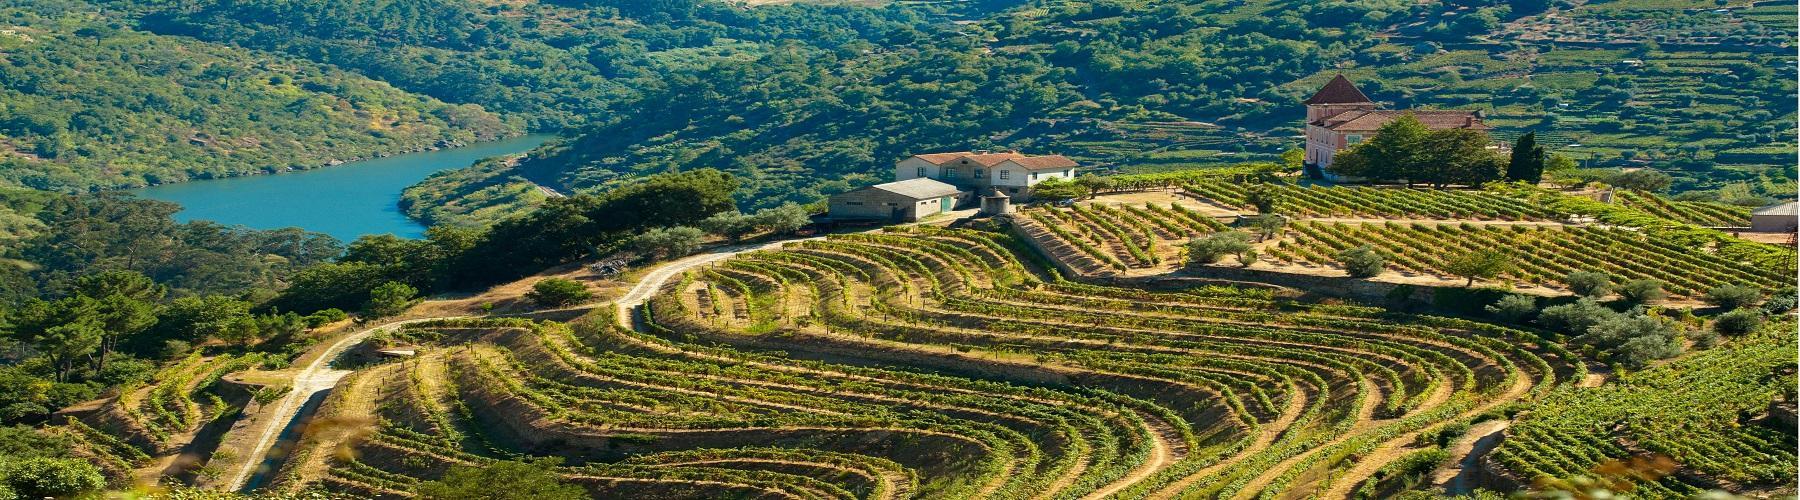 В Португалии лучшие места для путешественников